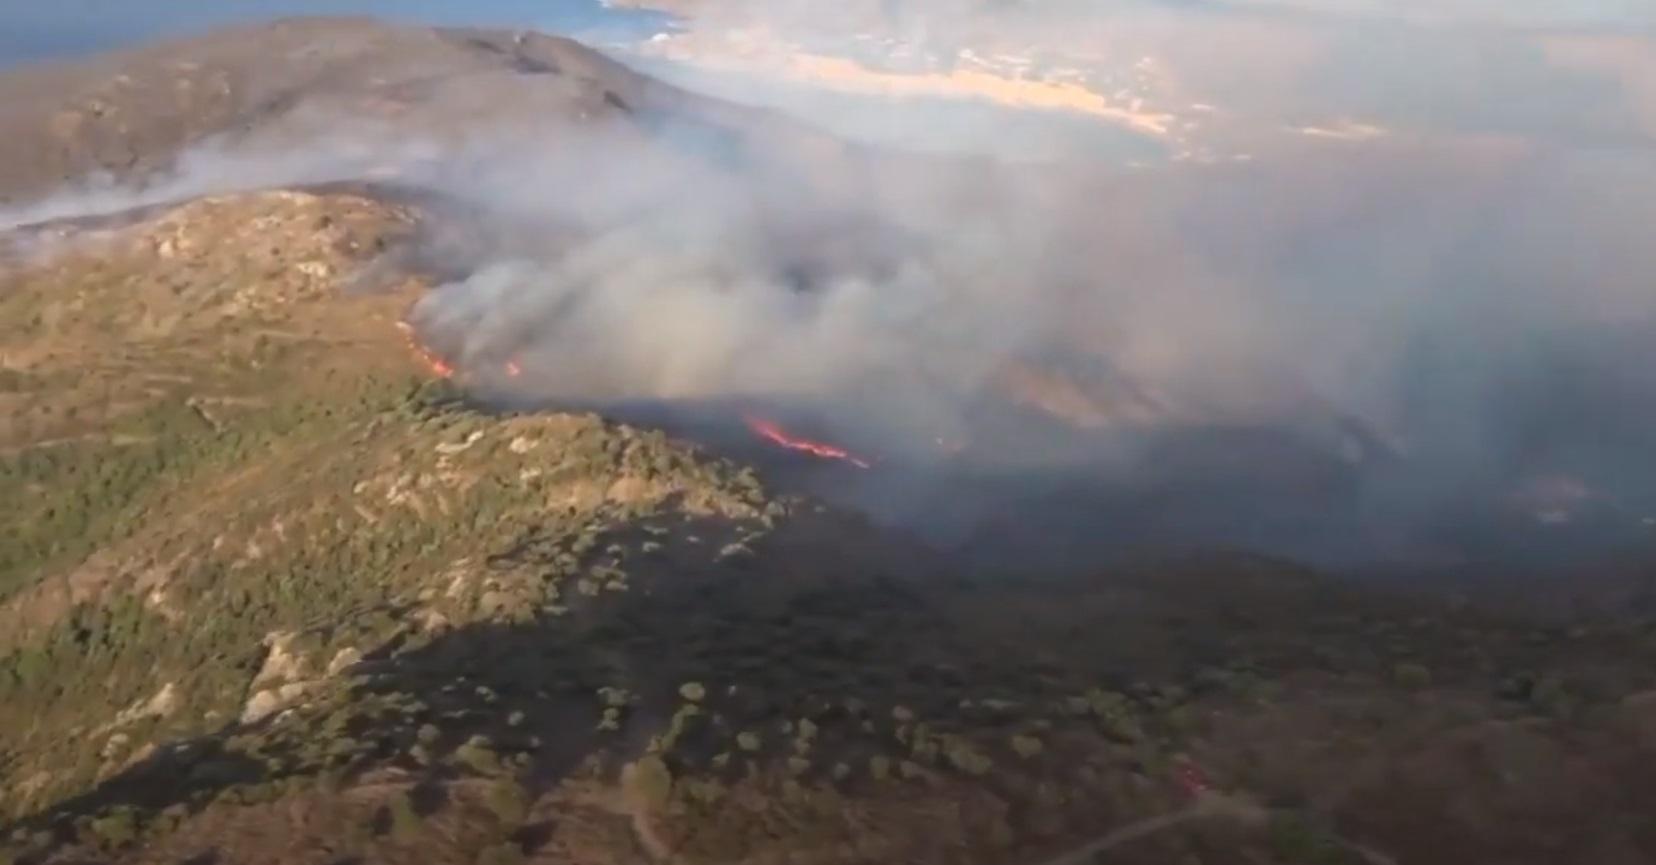 Ισπανία: Καίγεται το φυσικό πάρκο στην Καταλονία – 350 άνθρωποι εγκατέλειψαν τα σπίτια τους